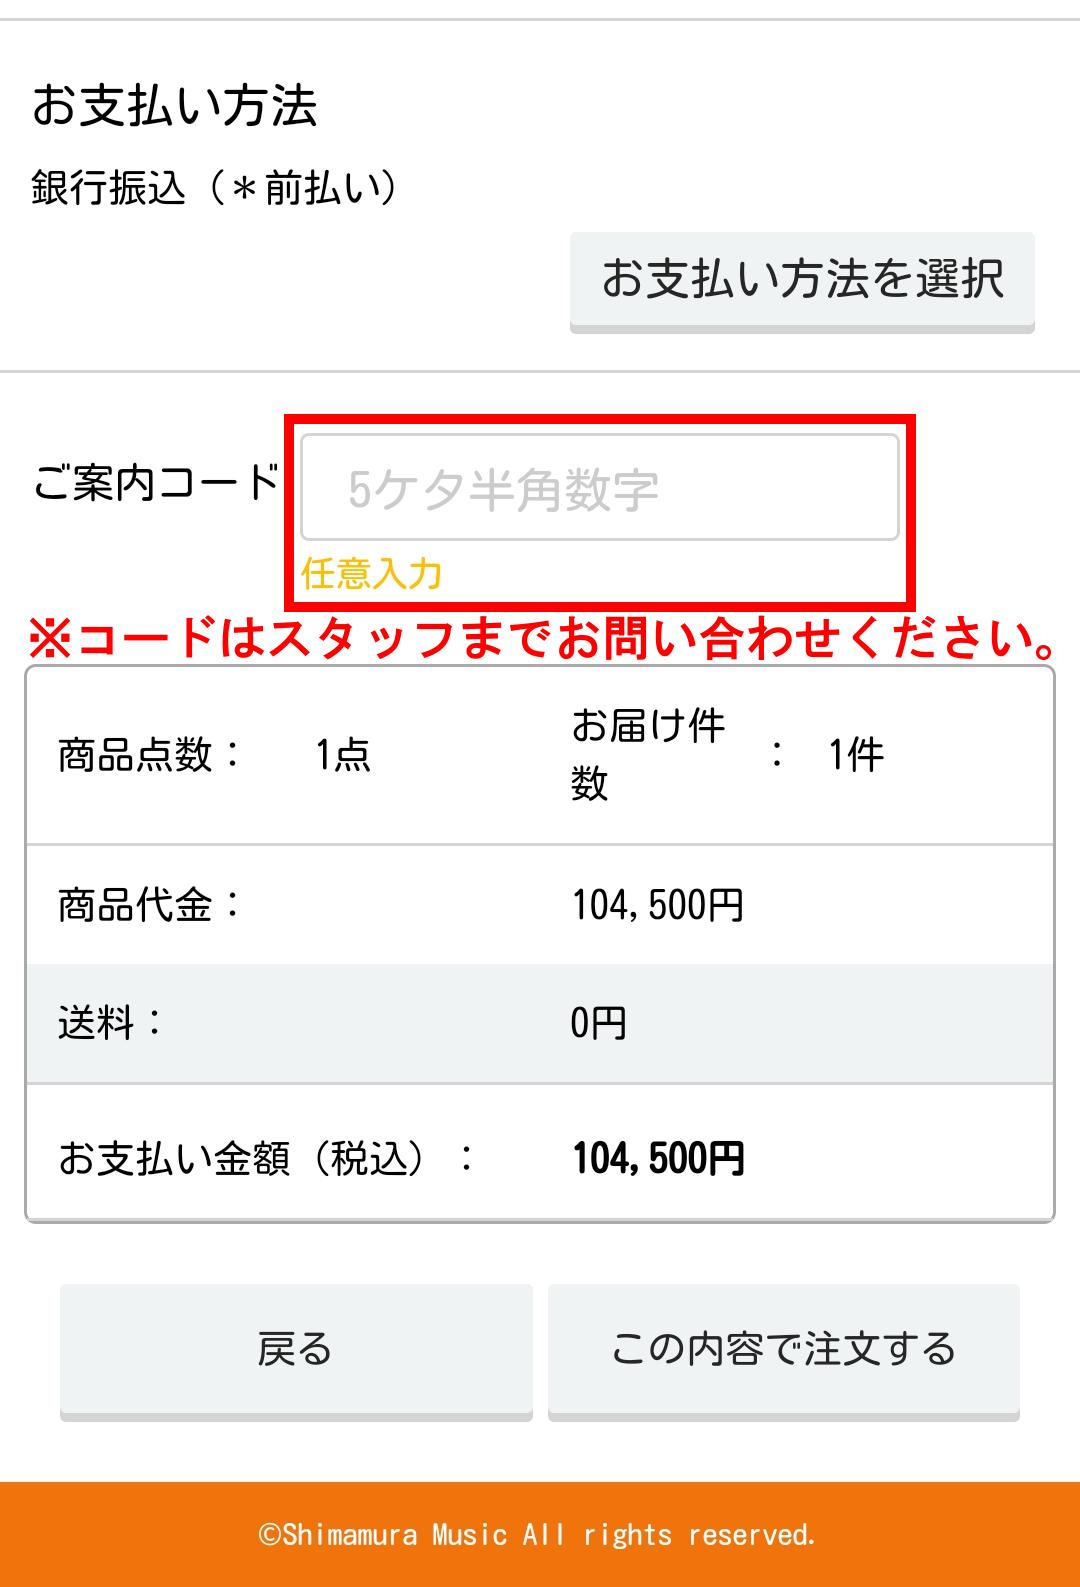 オンラインストア説明_ご案内コード